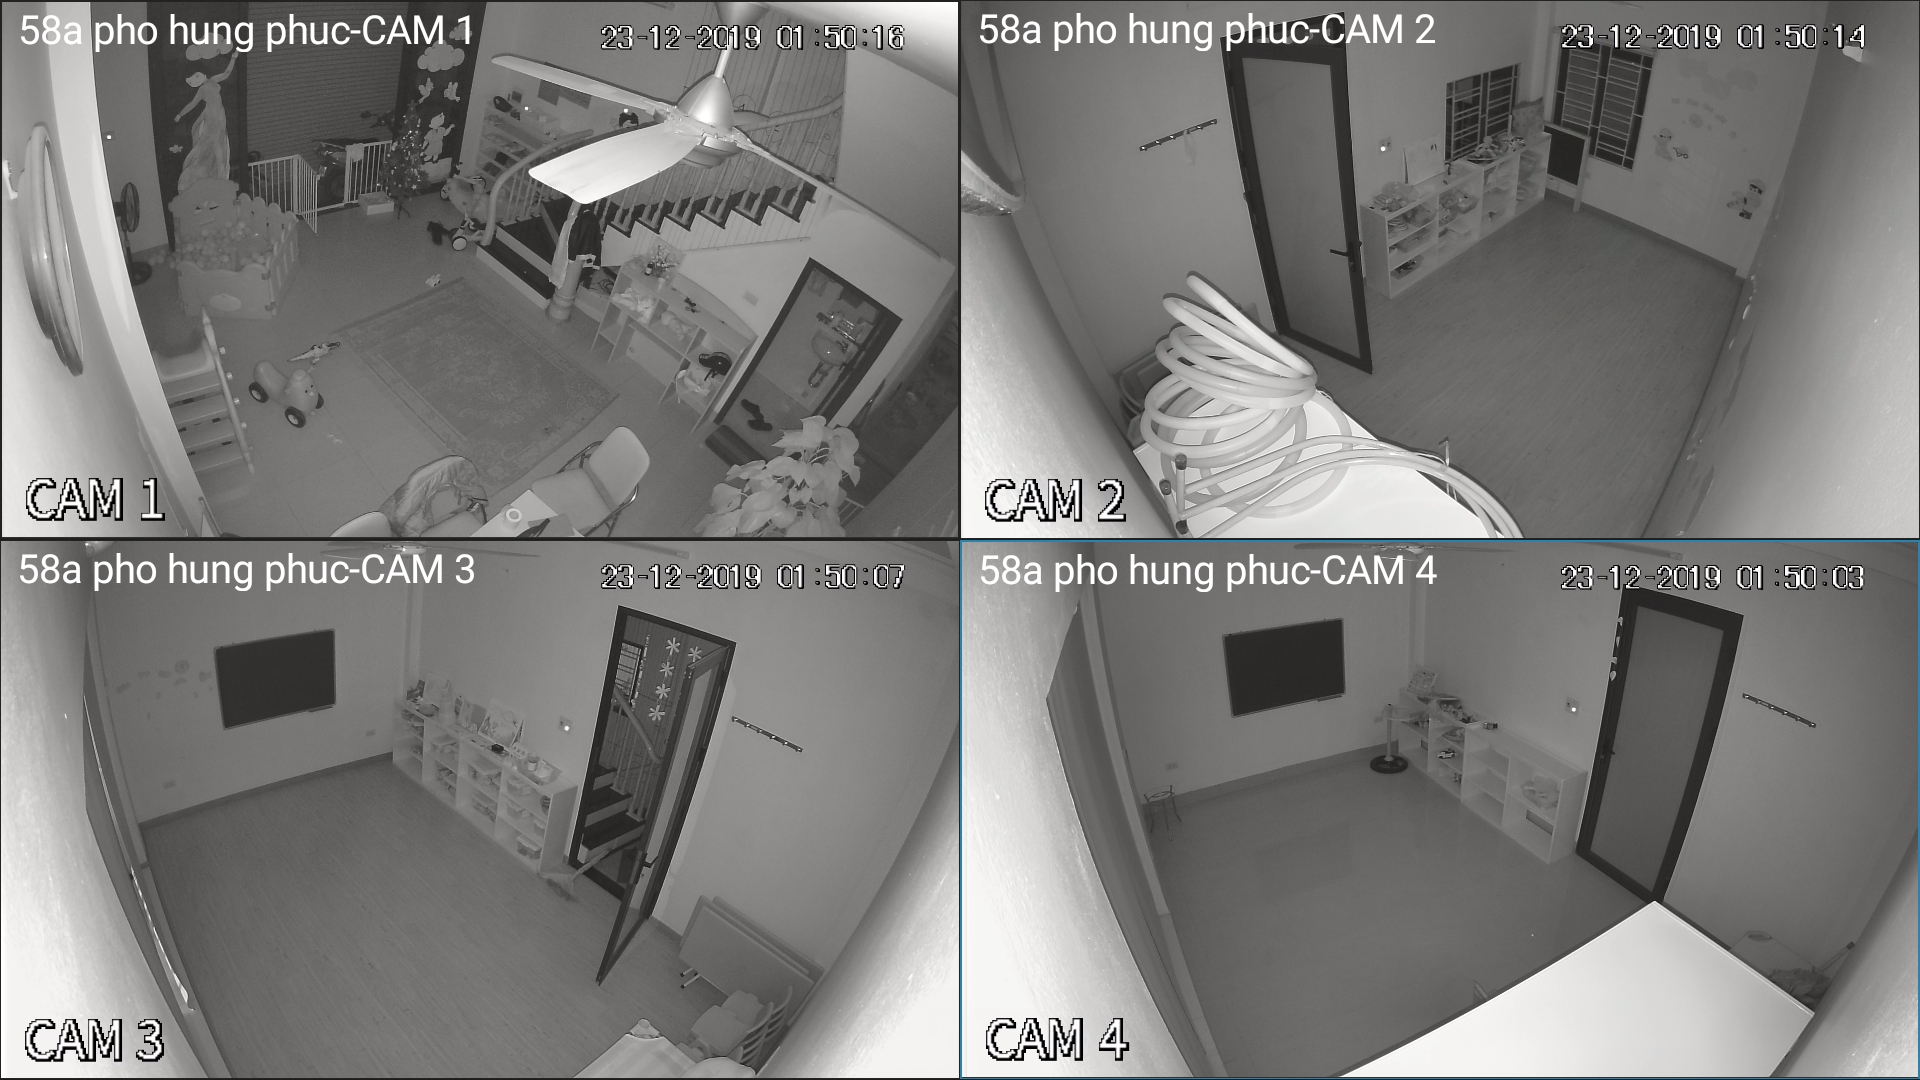 hình ảnh ban đêm bộ camera dahua 2M-1080p vỏ nhựa